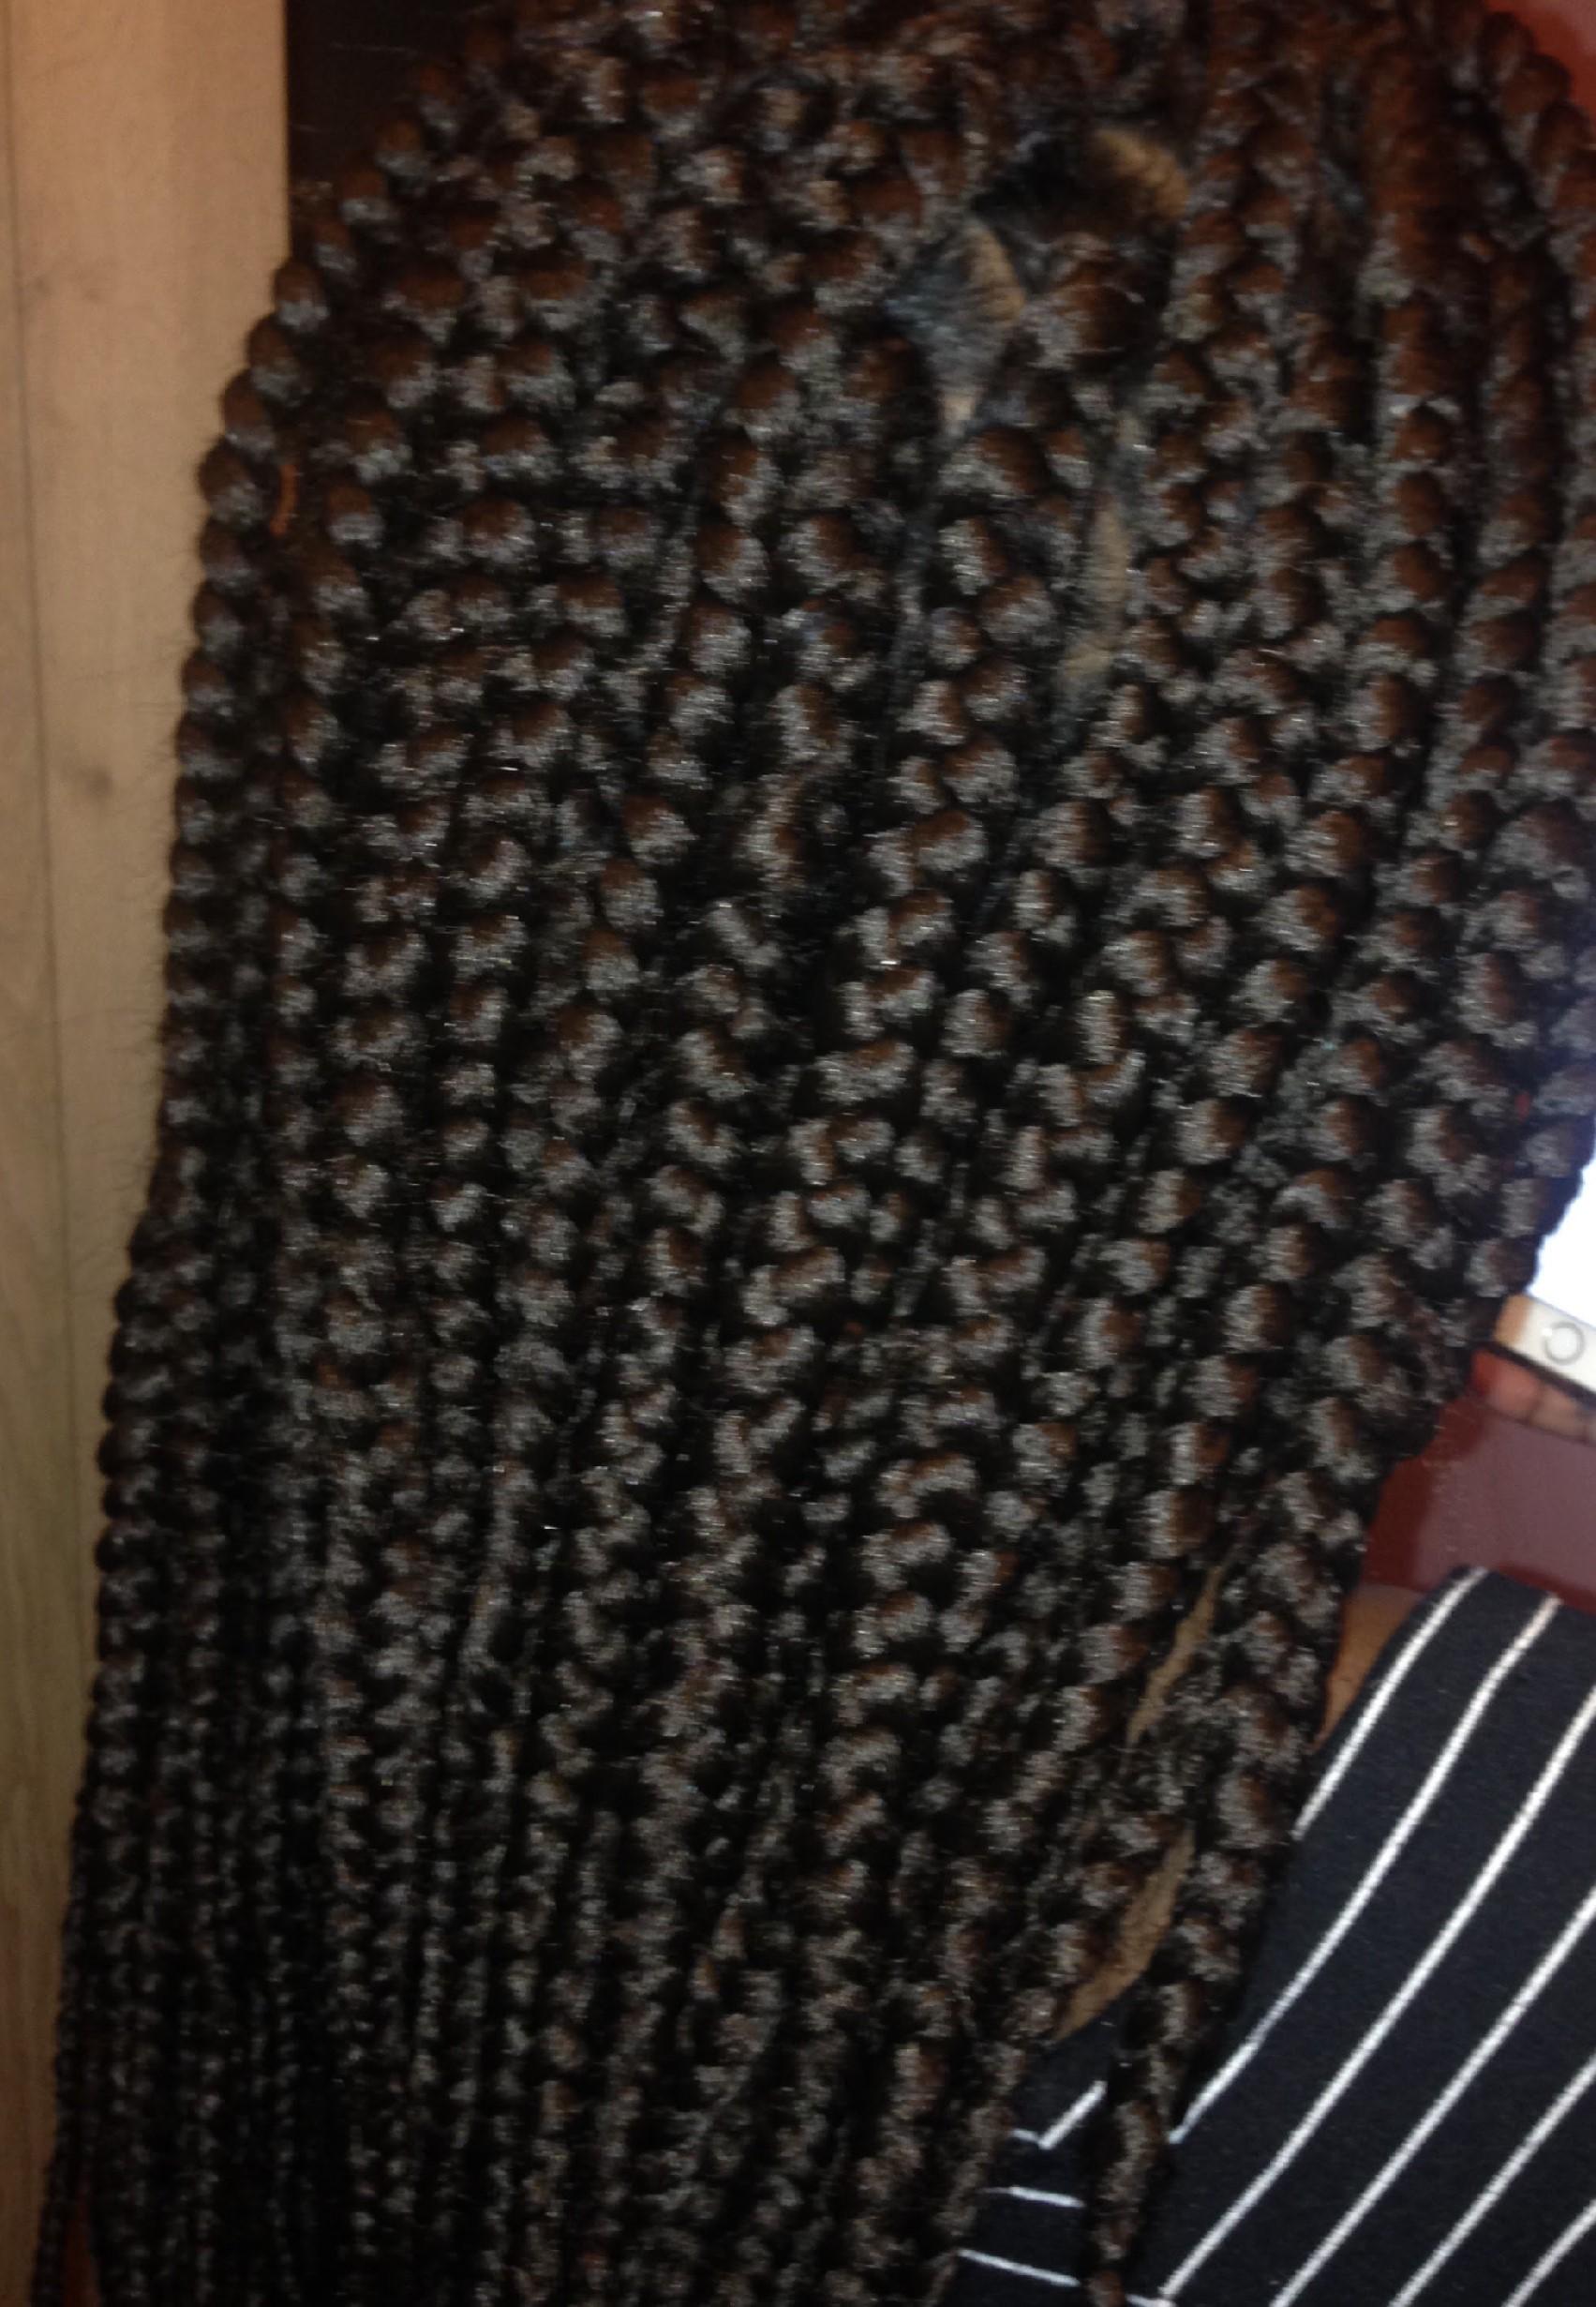 salon de coiffure afro tresse tresses box braids crochet braids vanilles tissages paris 75 77 78 91 92 93 94 95 VEUTQPZJ